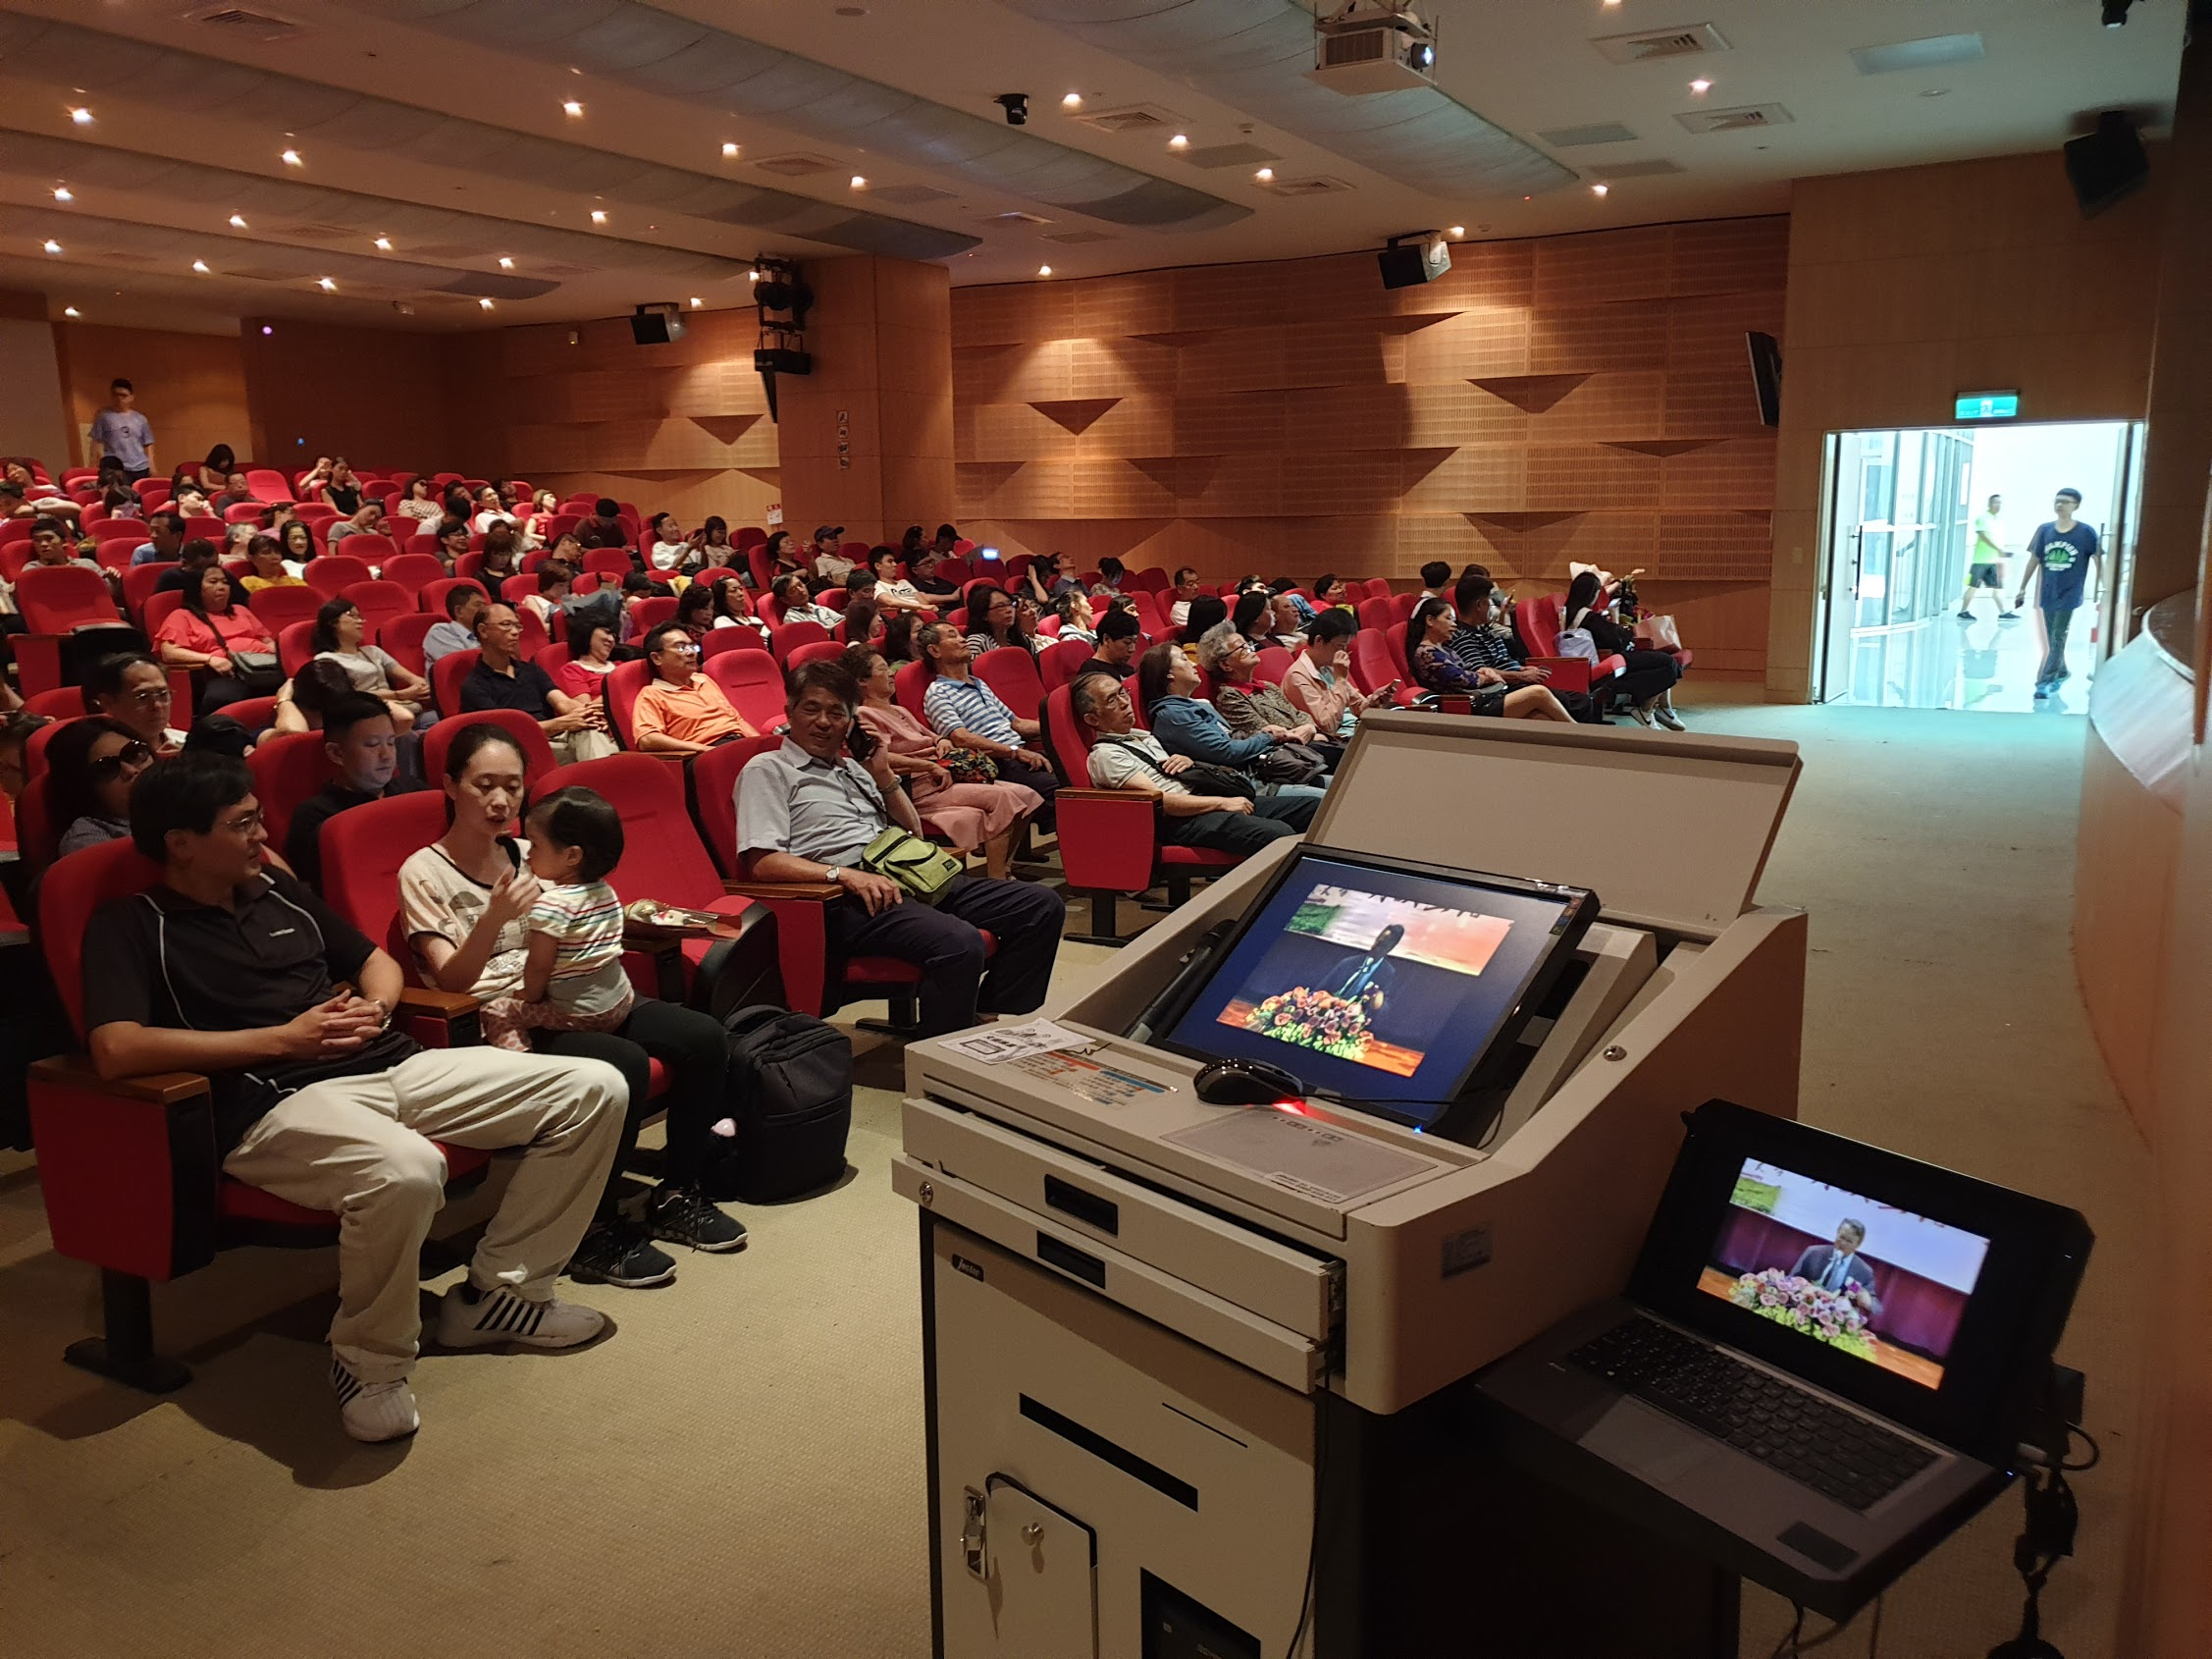 可結合智慧教室系統